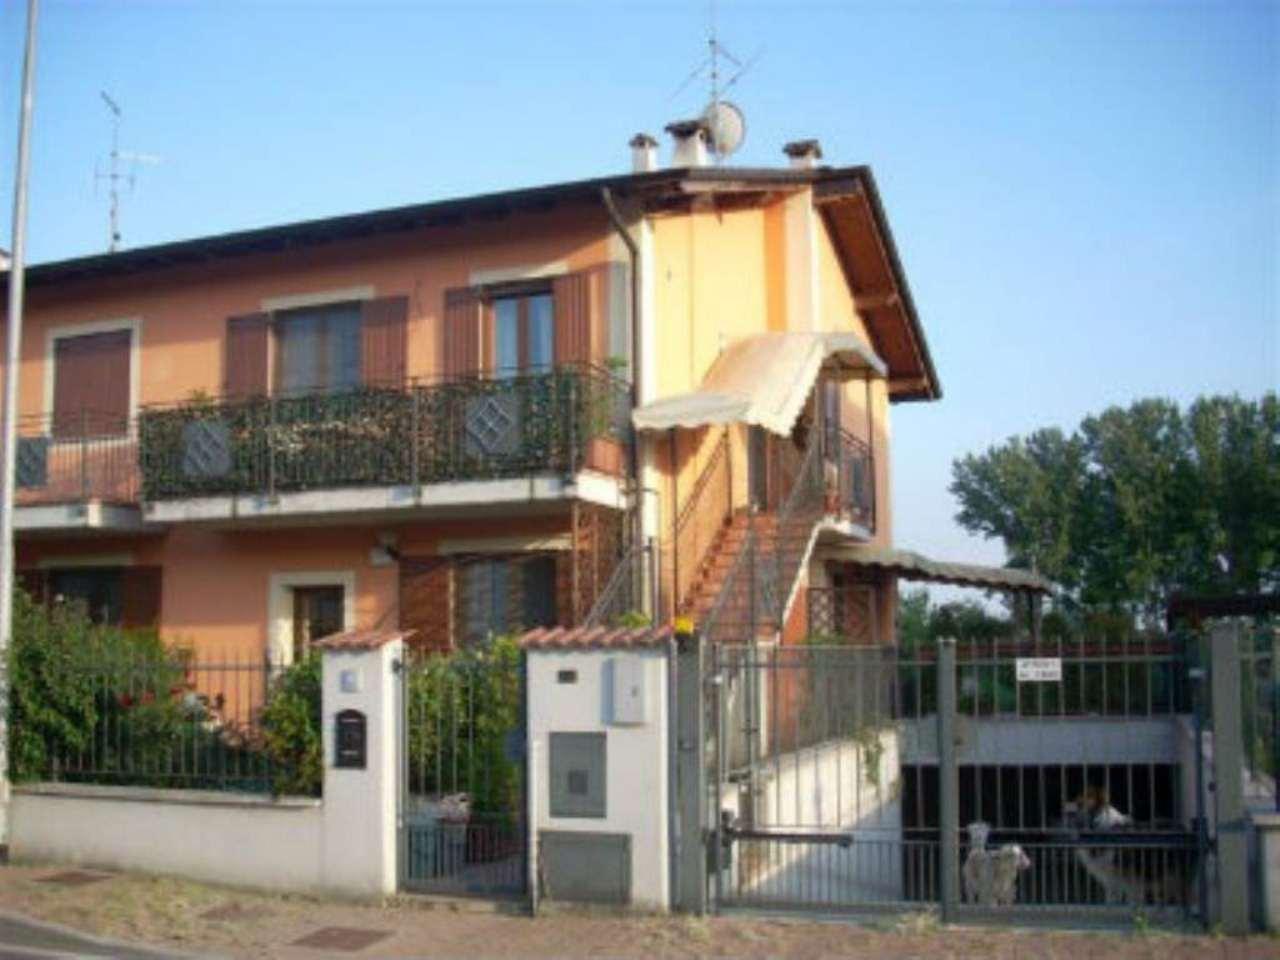 Appartamento in vendita a Montodine, 3 locali, prezzo € 115.000 | Cambio Casa.it